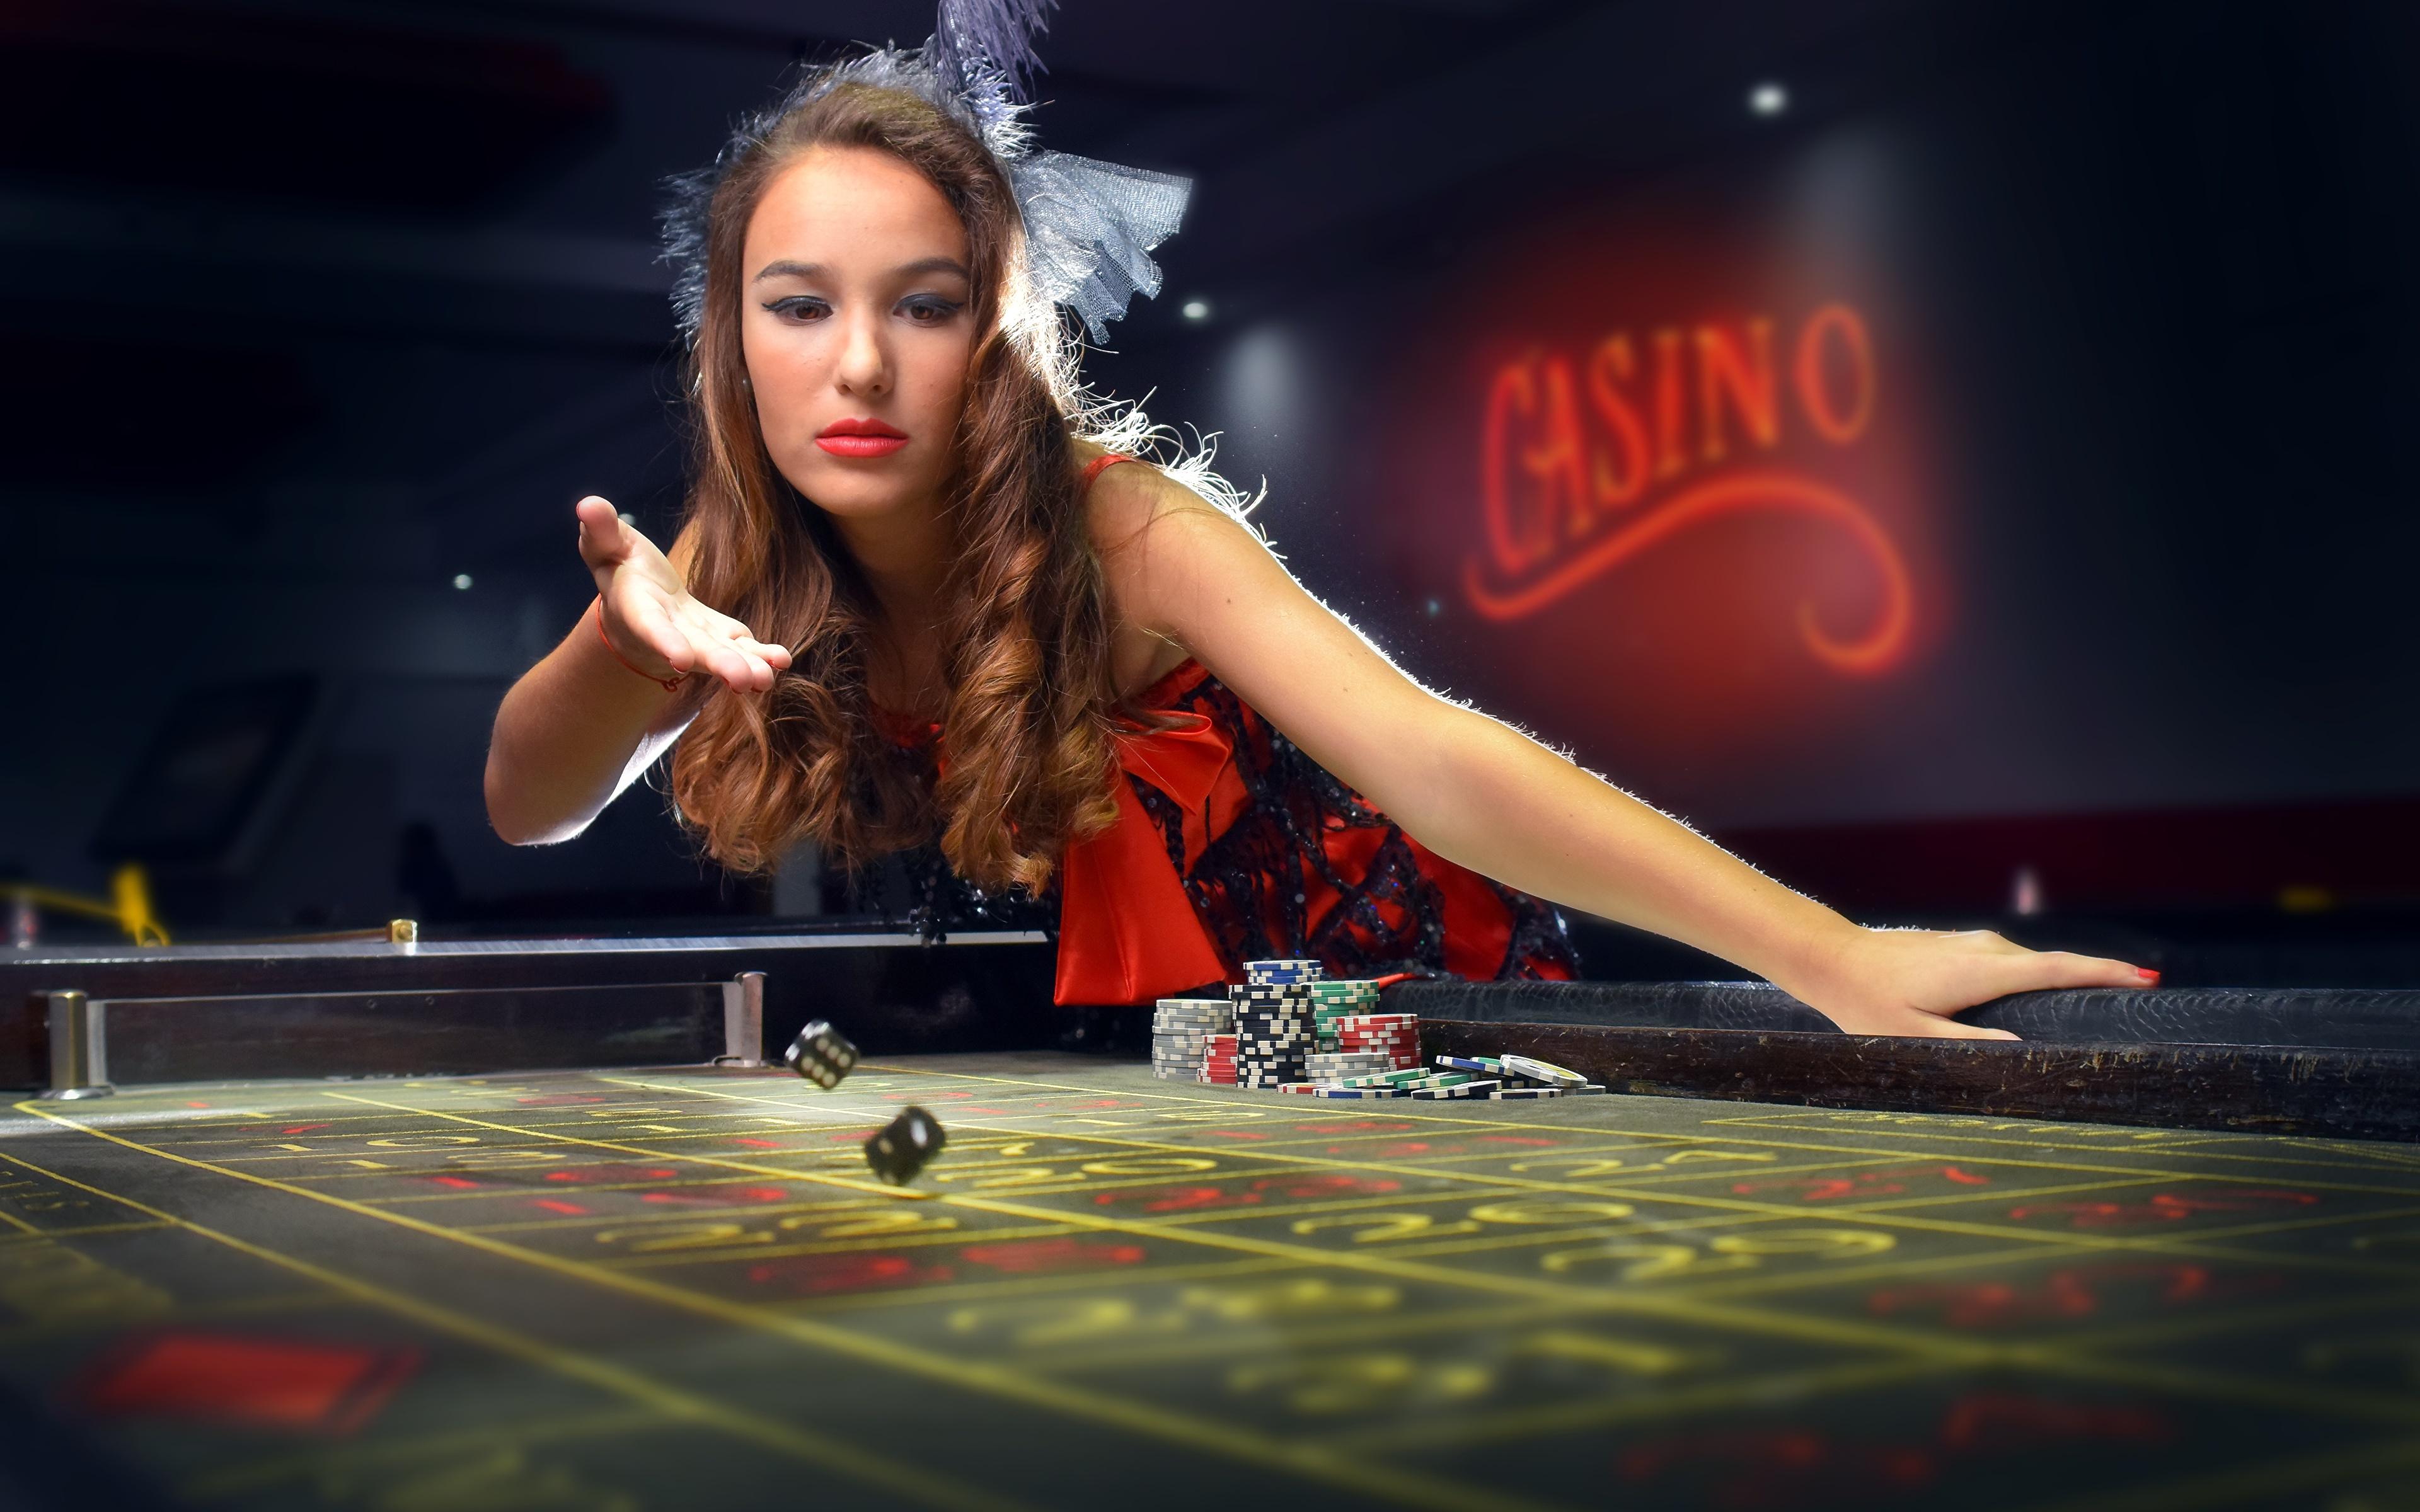 壁紙 3840x2400 茶色の髪の女性 カジノ サイコロ テーブル 少女